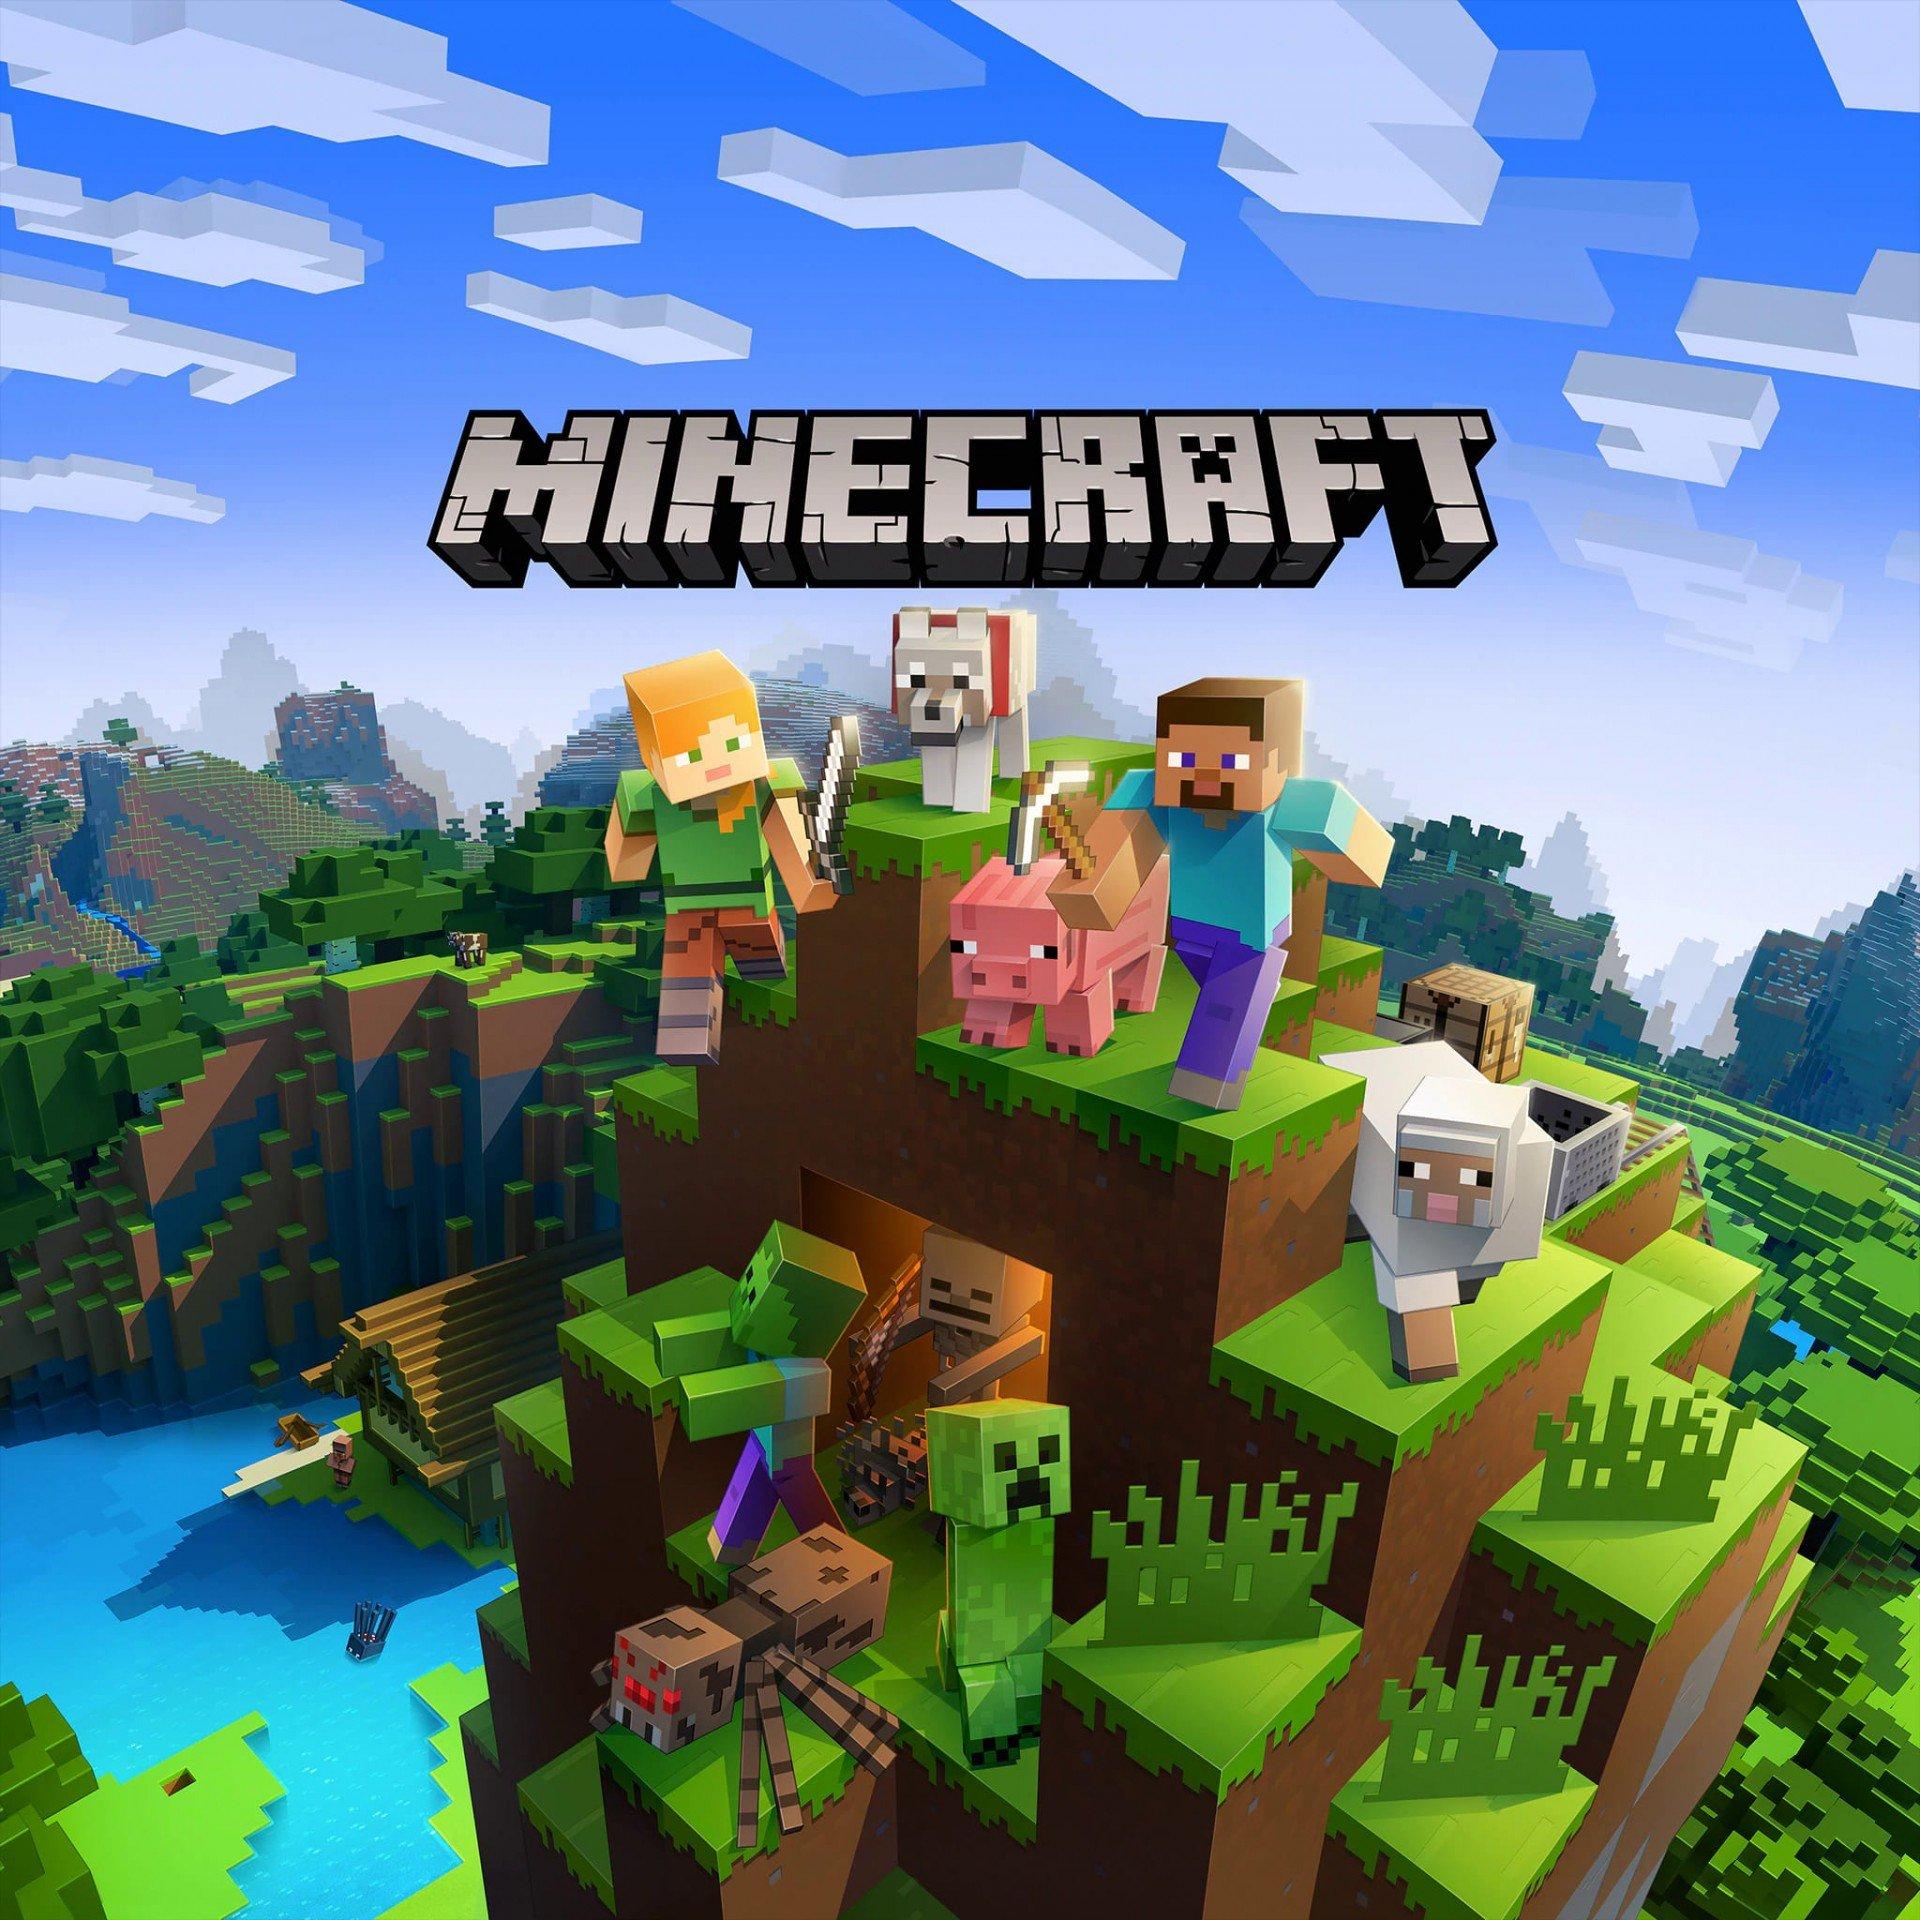 Minecraft самая популярная игра на YouTube в 2020 году